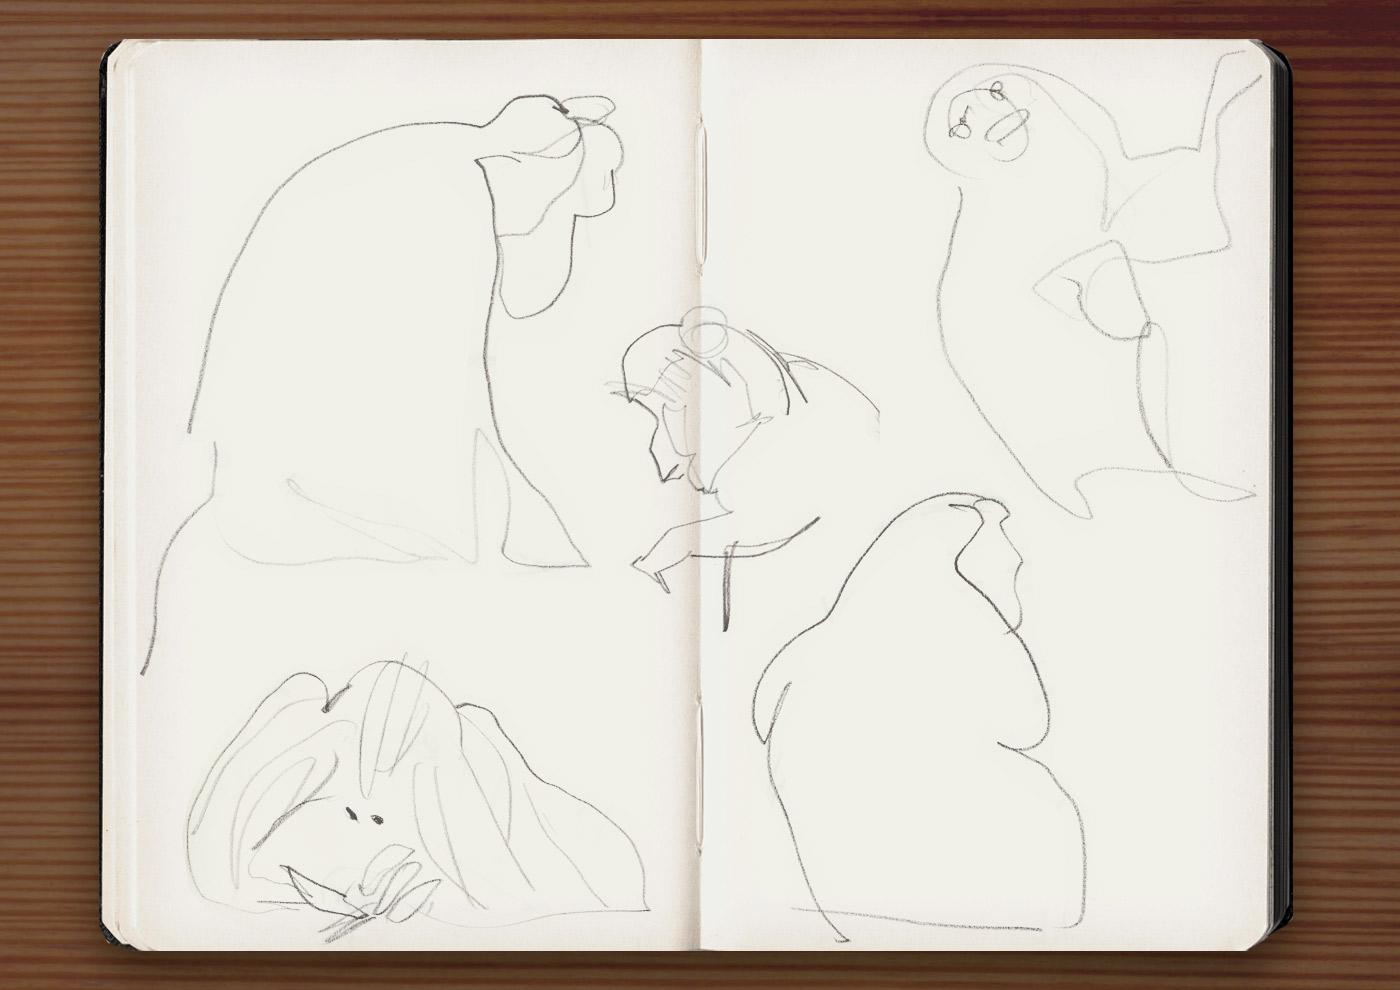 Skizzen von Affen in der Ménagerie, dem Zoo des Jardin des Plantes, in Paris